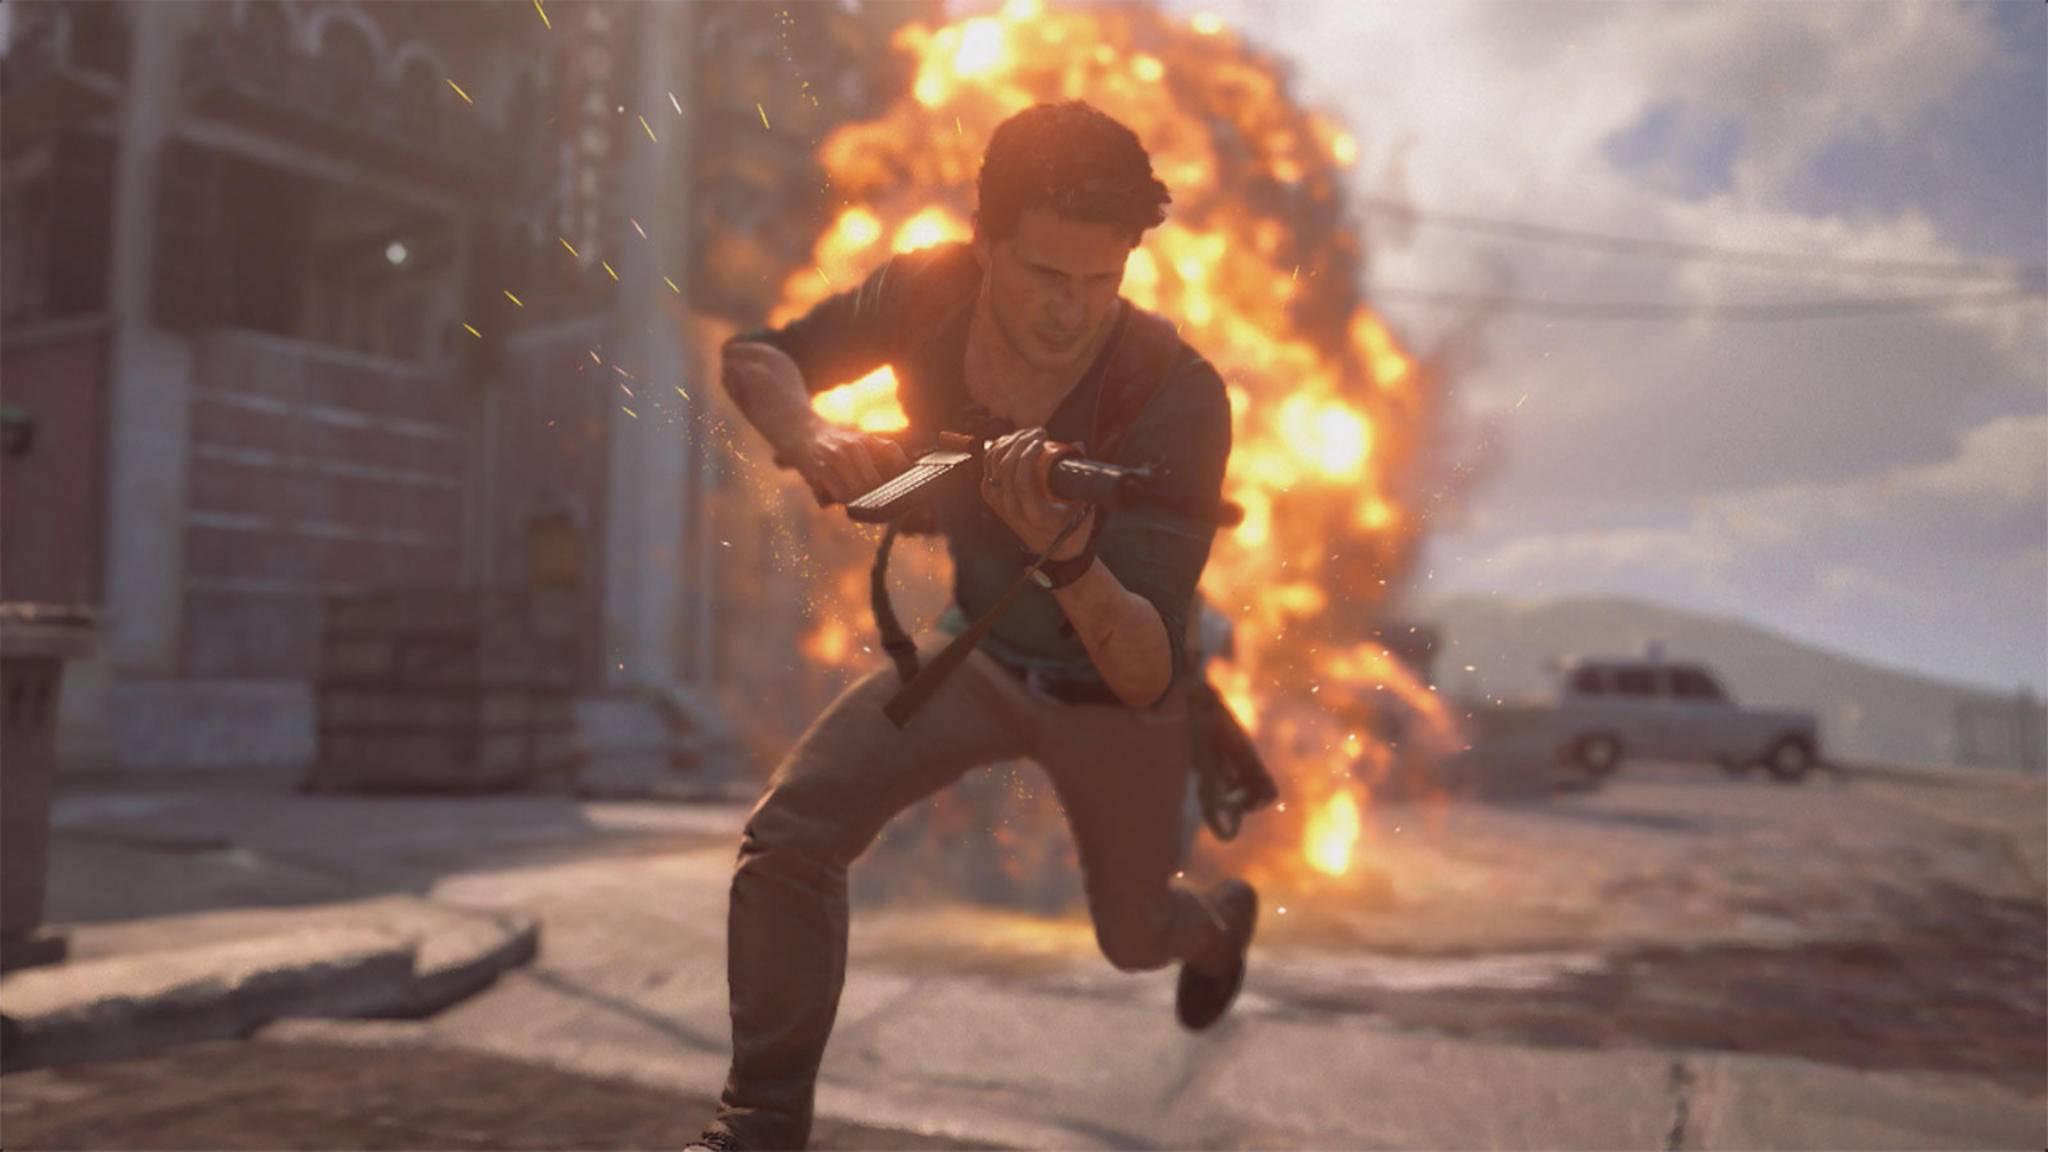 """Gute Neuigkeiten für Fans der Spielereihe: In der """"Uncharted""""-Verfilmung geht es anscheinend so richtig zur Sache."""